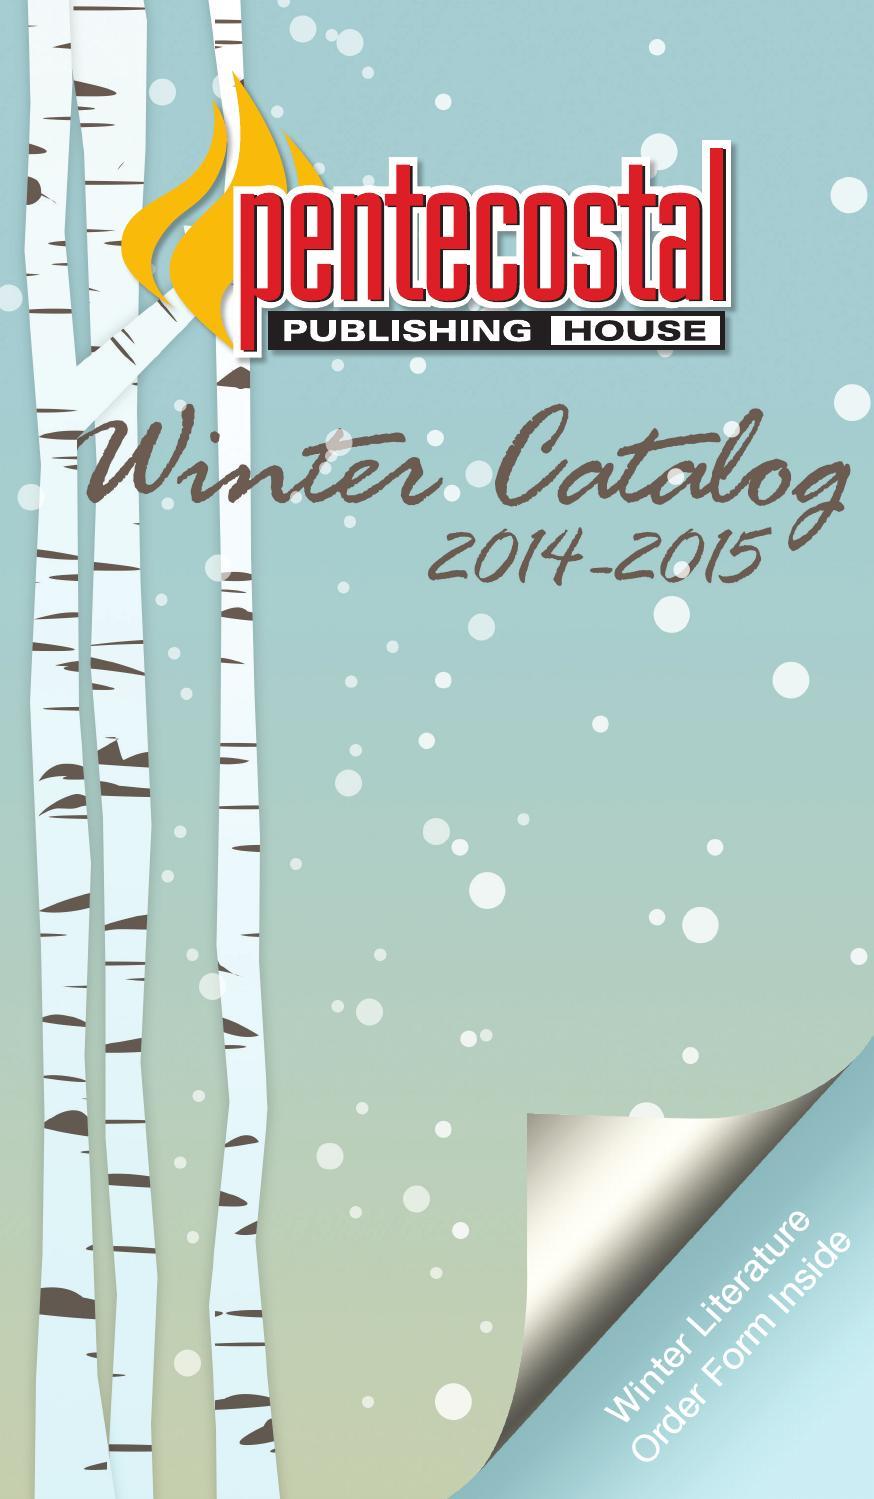 Pentecostal Publishing House Winter 14-15 Catalog by Pentecostal Life -  issuu